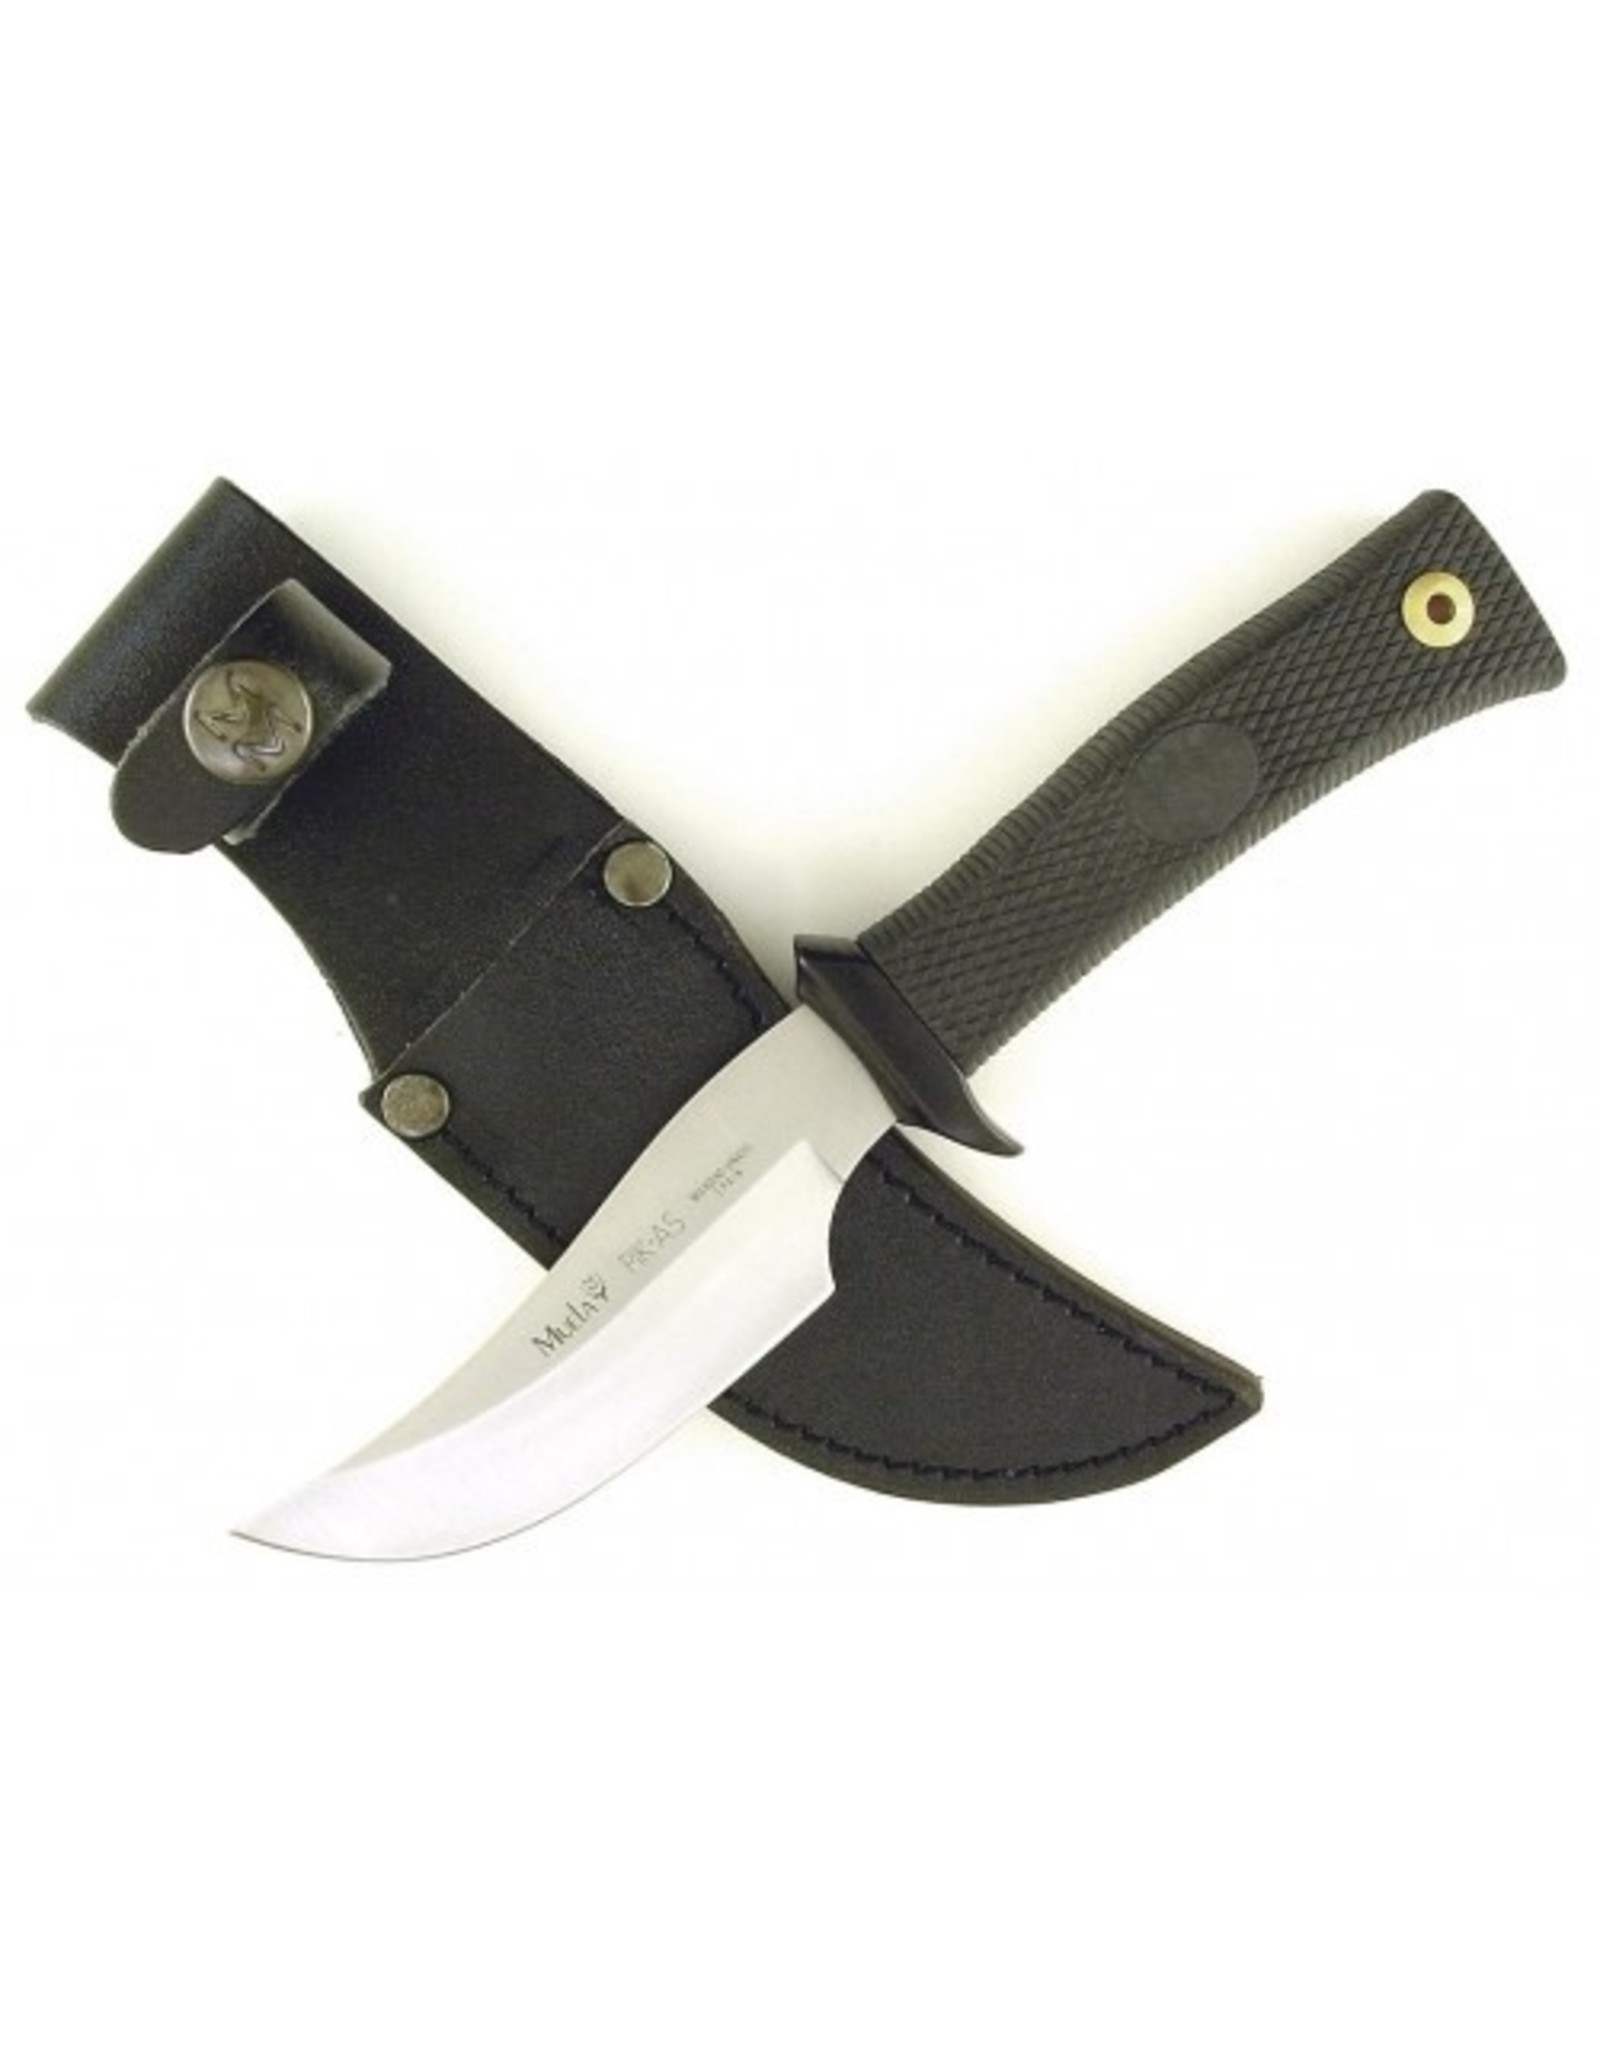 MUELA PIK-AS-R - Muela Skinner Knife